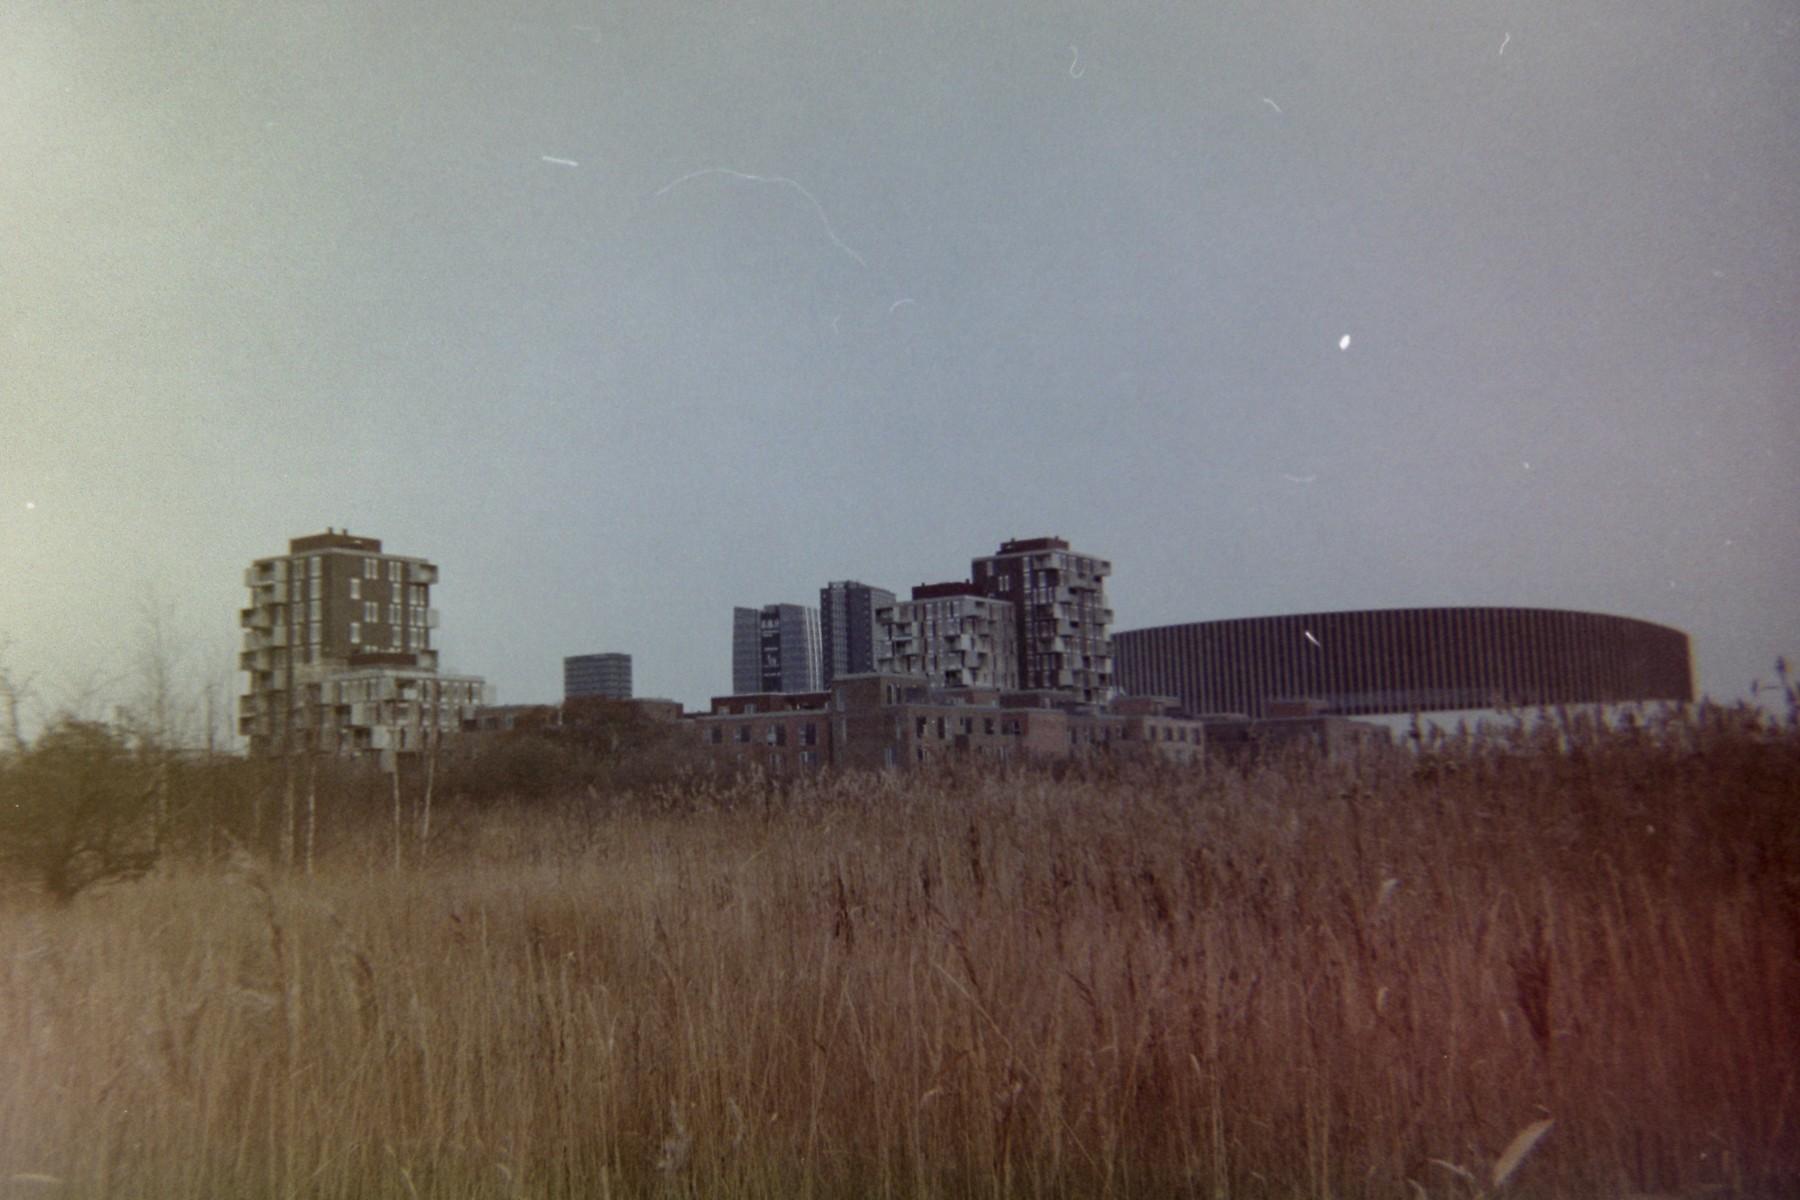 Ørestad - Agfa Reusable 35mm Camera